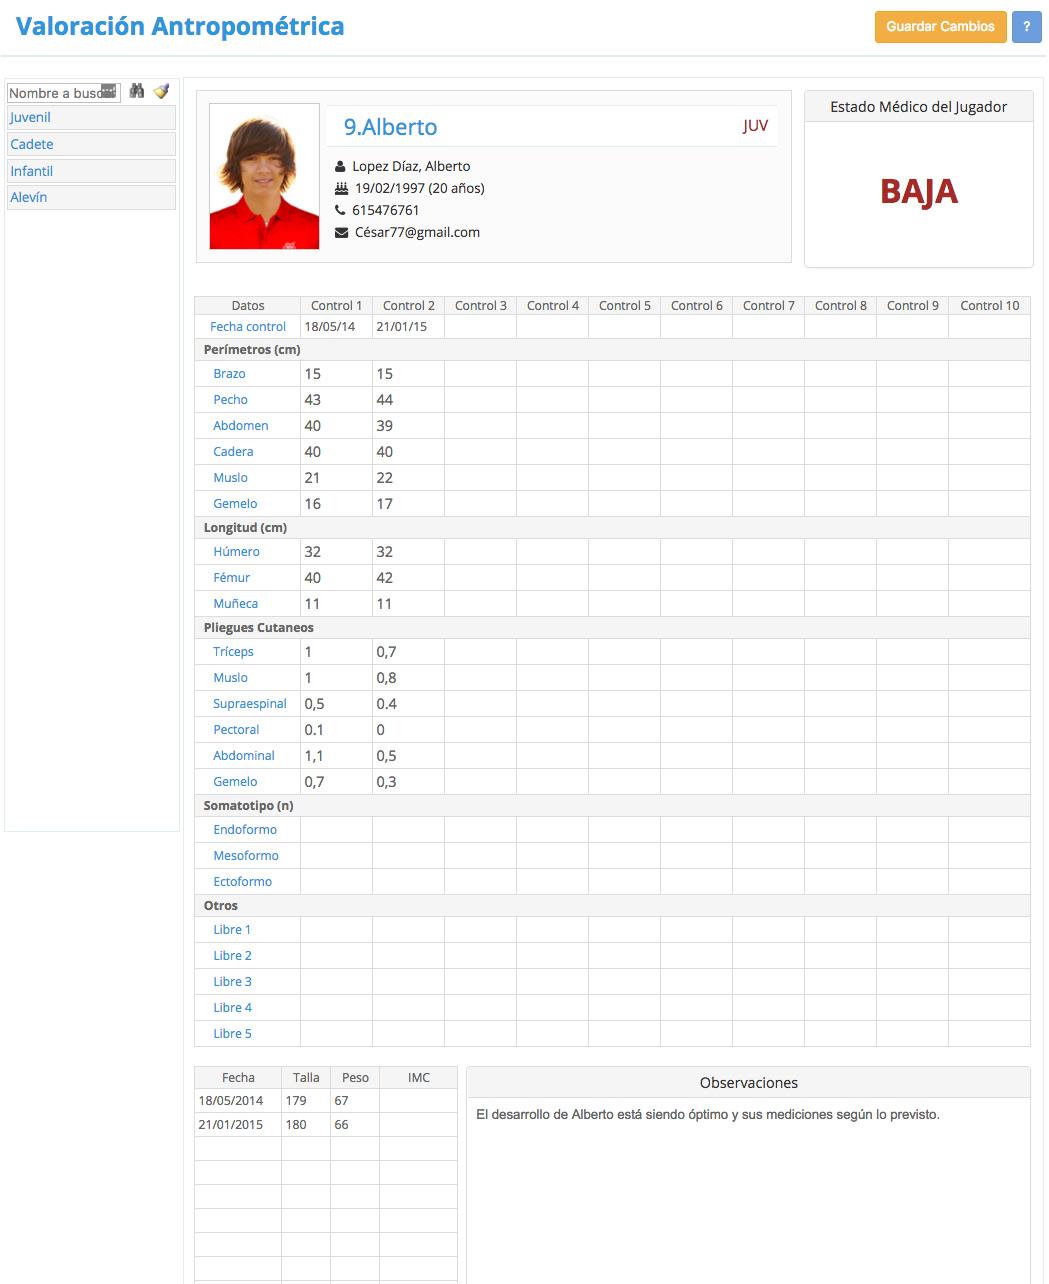 CD Sportcab Marbella - Programa Gestión de Club - Valoracion-Antropometrica